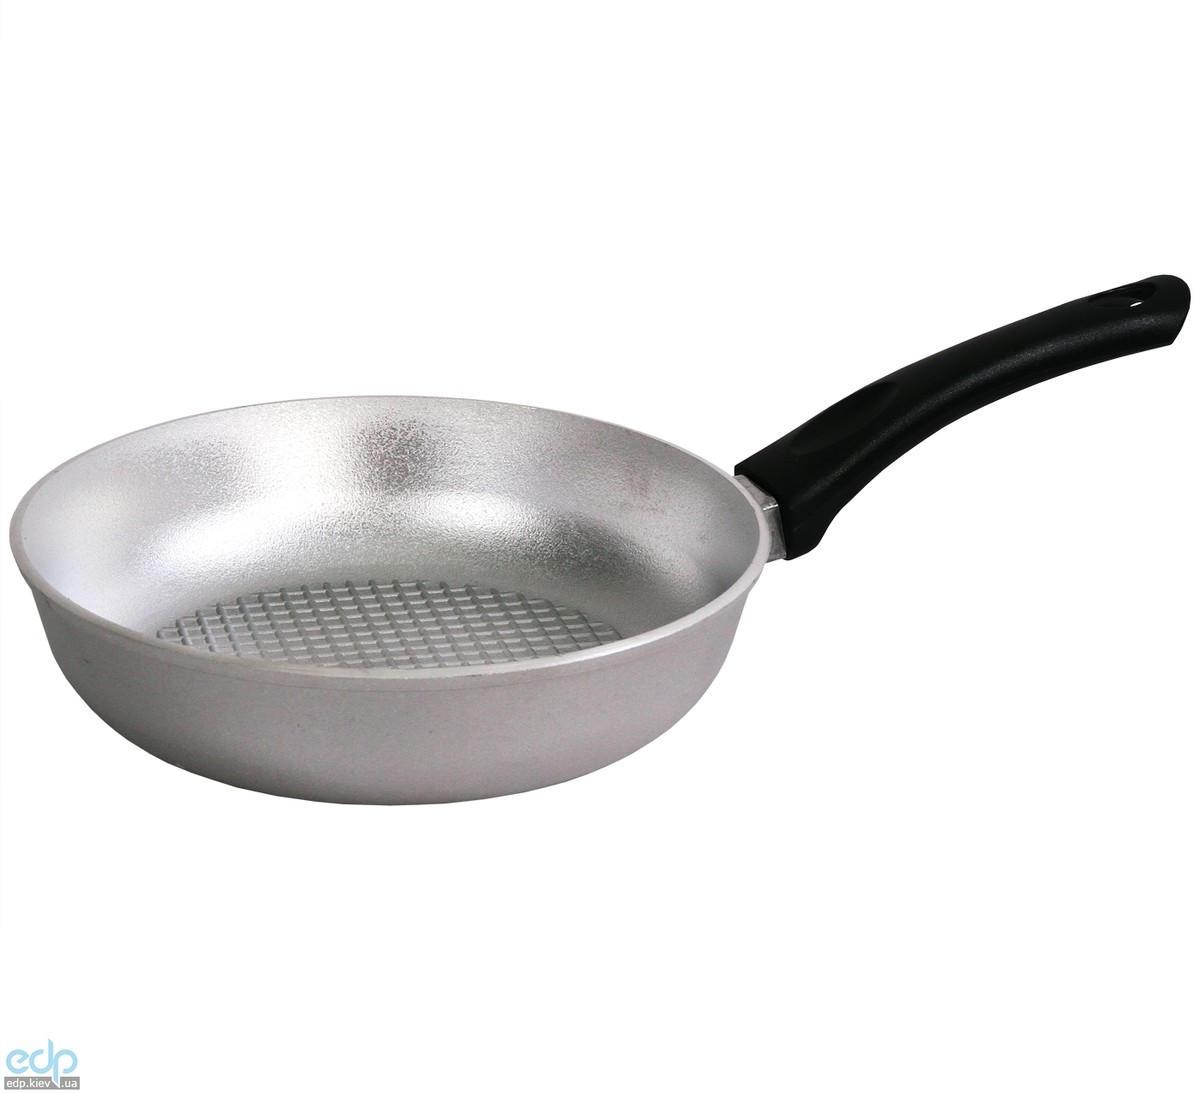 Биол - Сковорода алюминиевая с рифленым дном без крышки диаметр 20 см (С201)